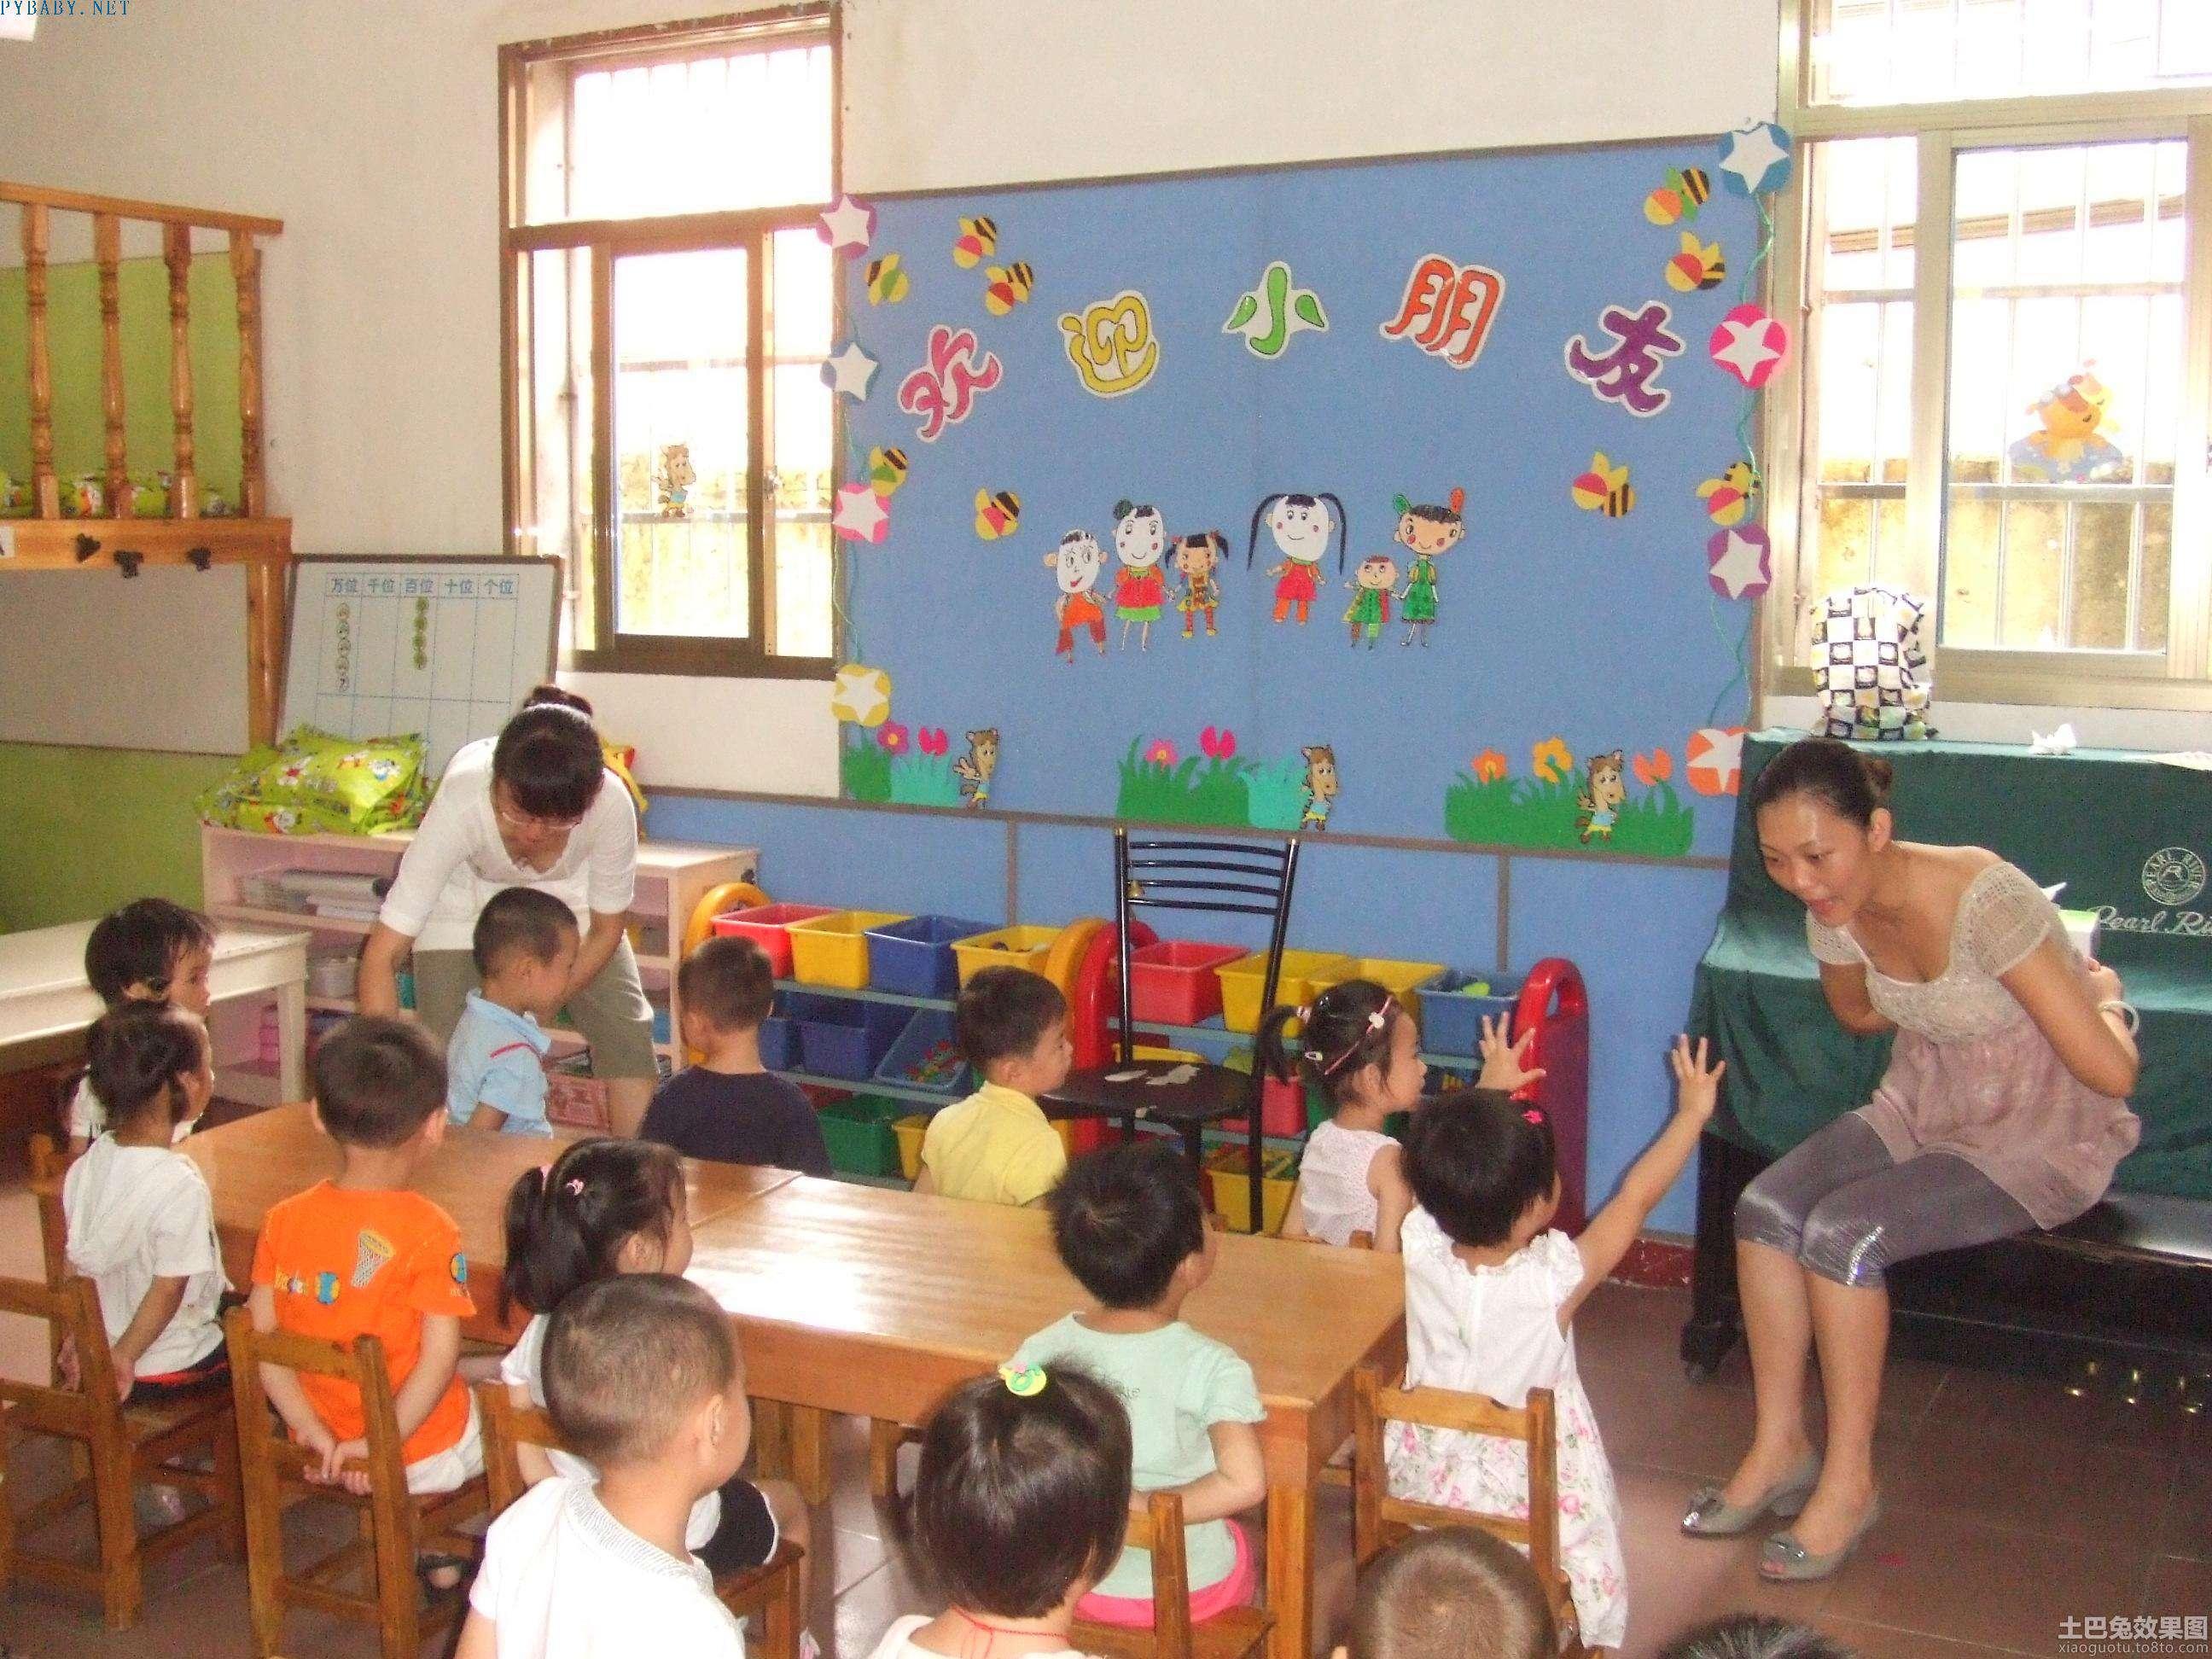 幼儿园墙面布置图片欣赏